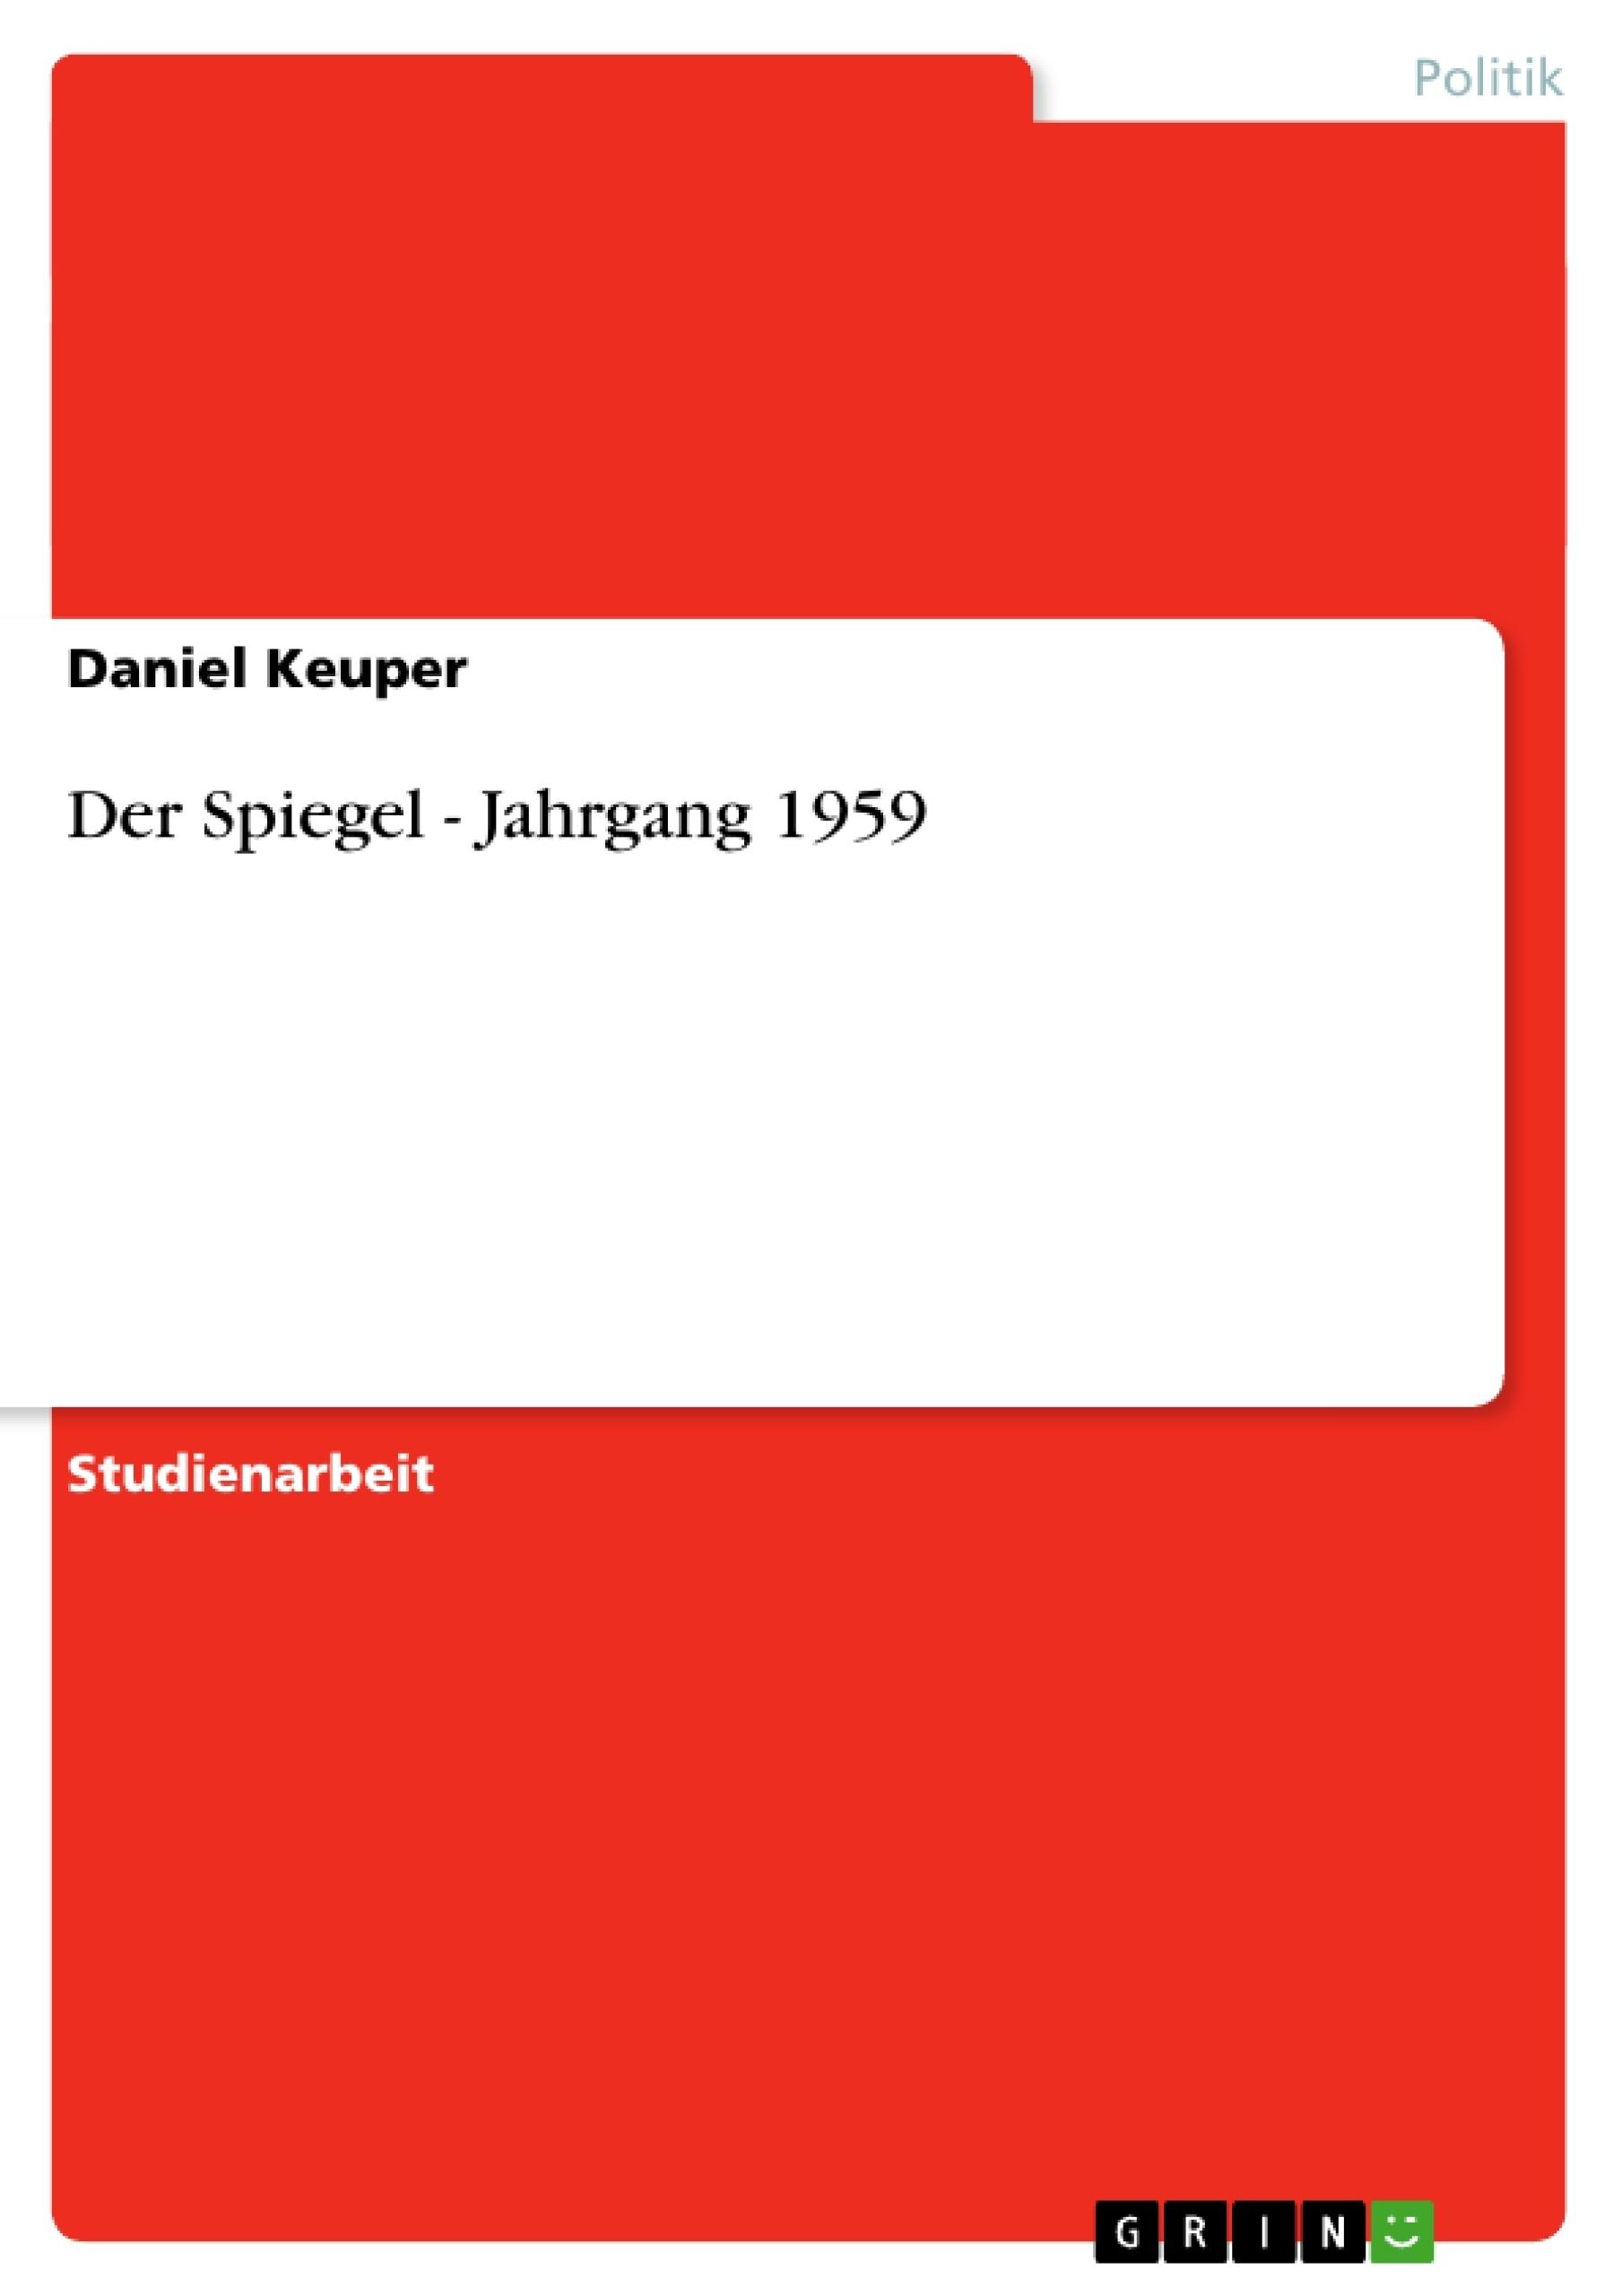 Titel: Der Spiegel - Jahrgang 1959